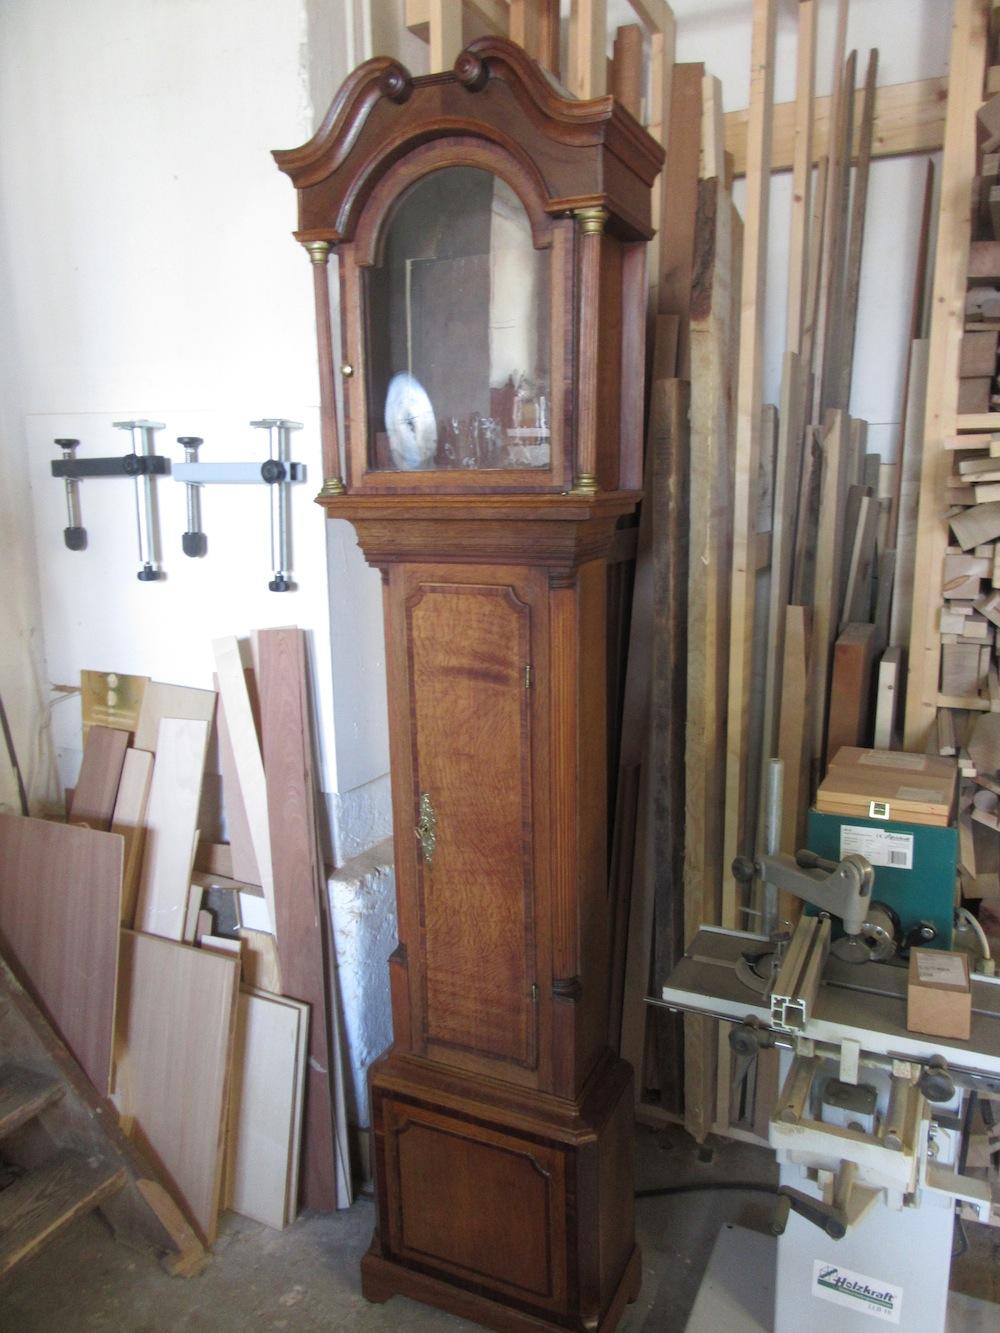 Restaurierung einer alten Standuhr in Tischlerei Helmeke